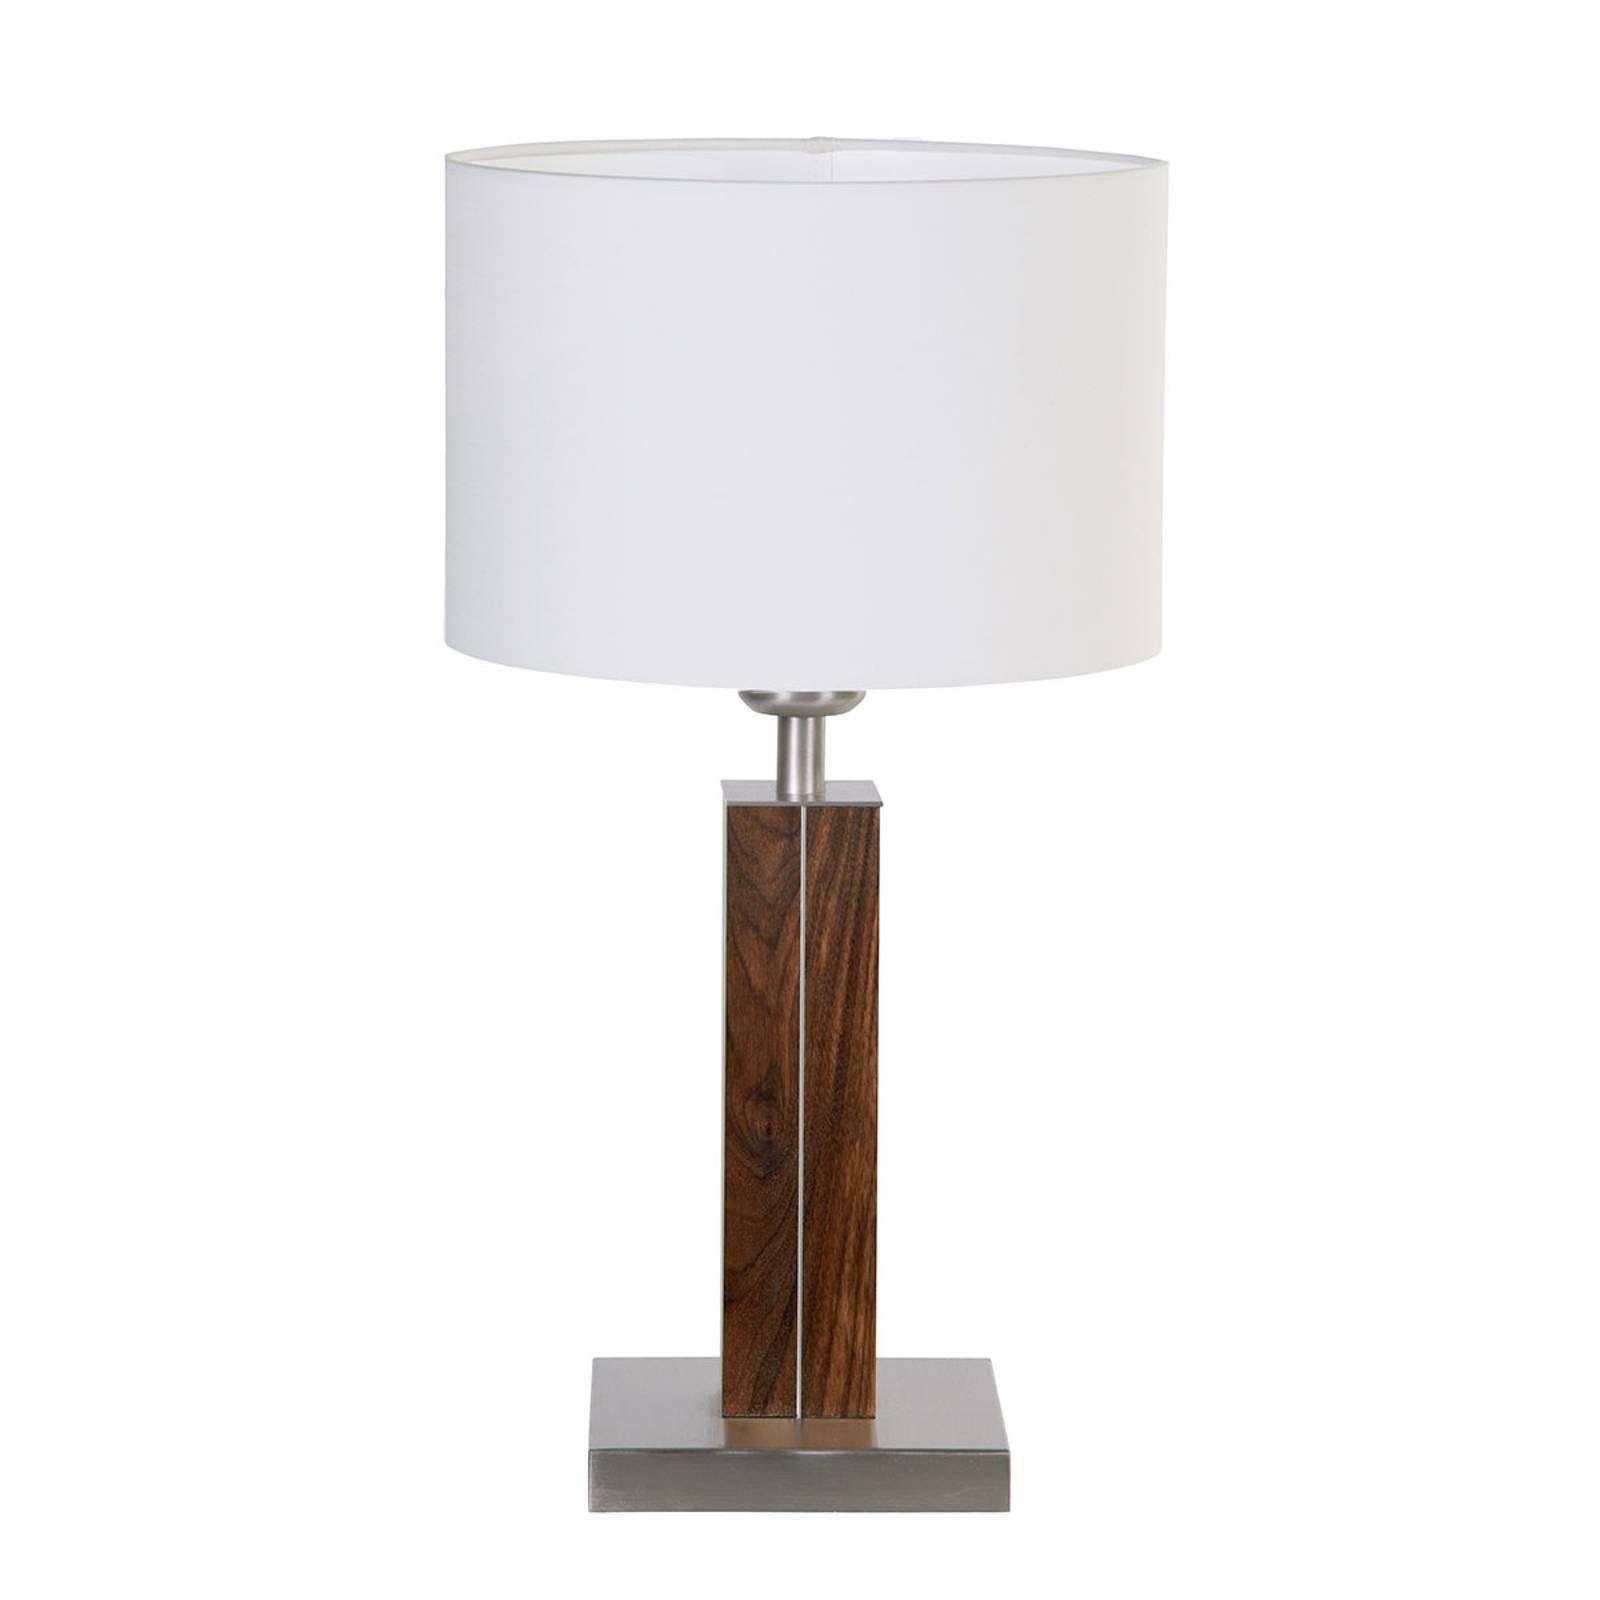 HerzBlut Dana bordlampe med trefot, valnøtt